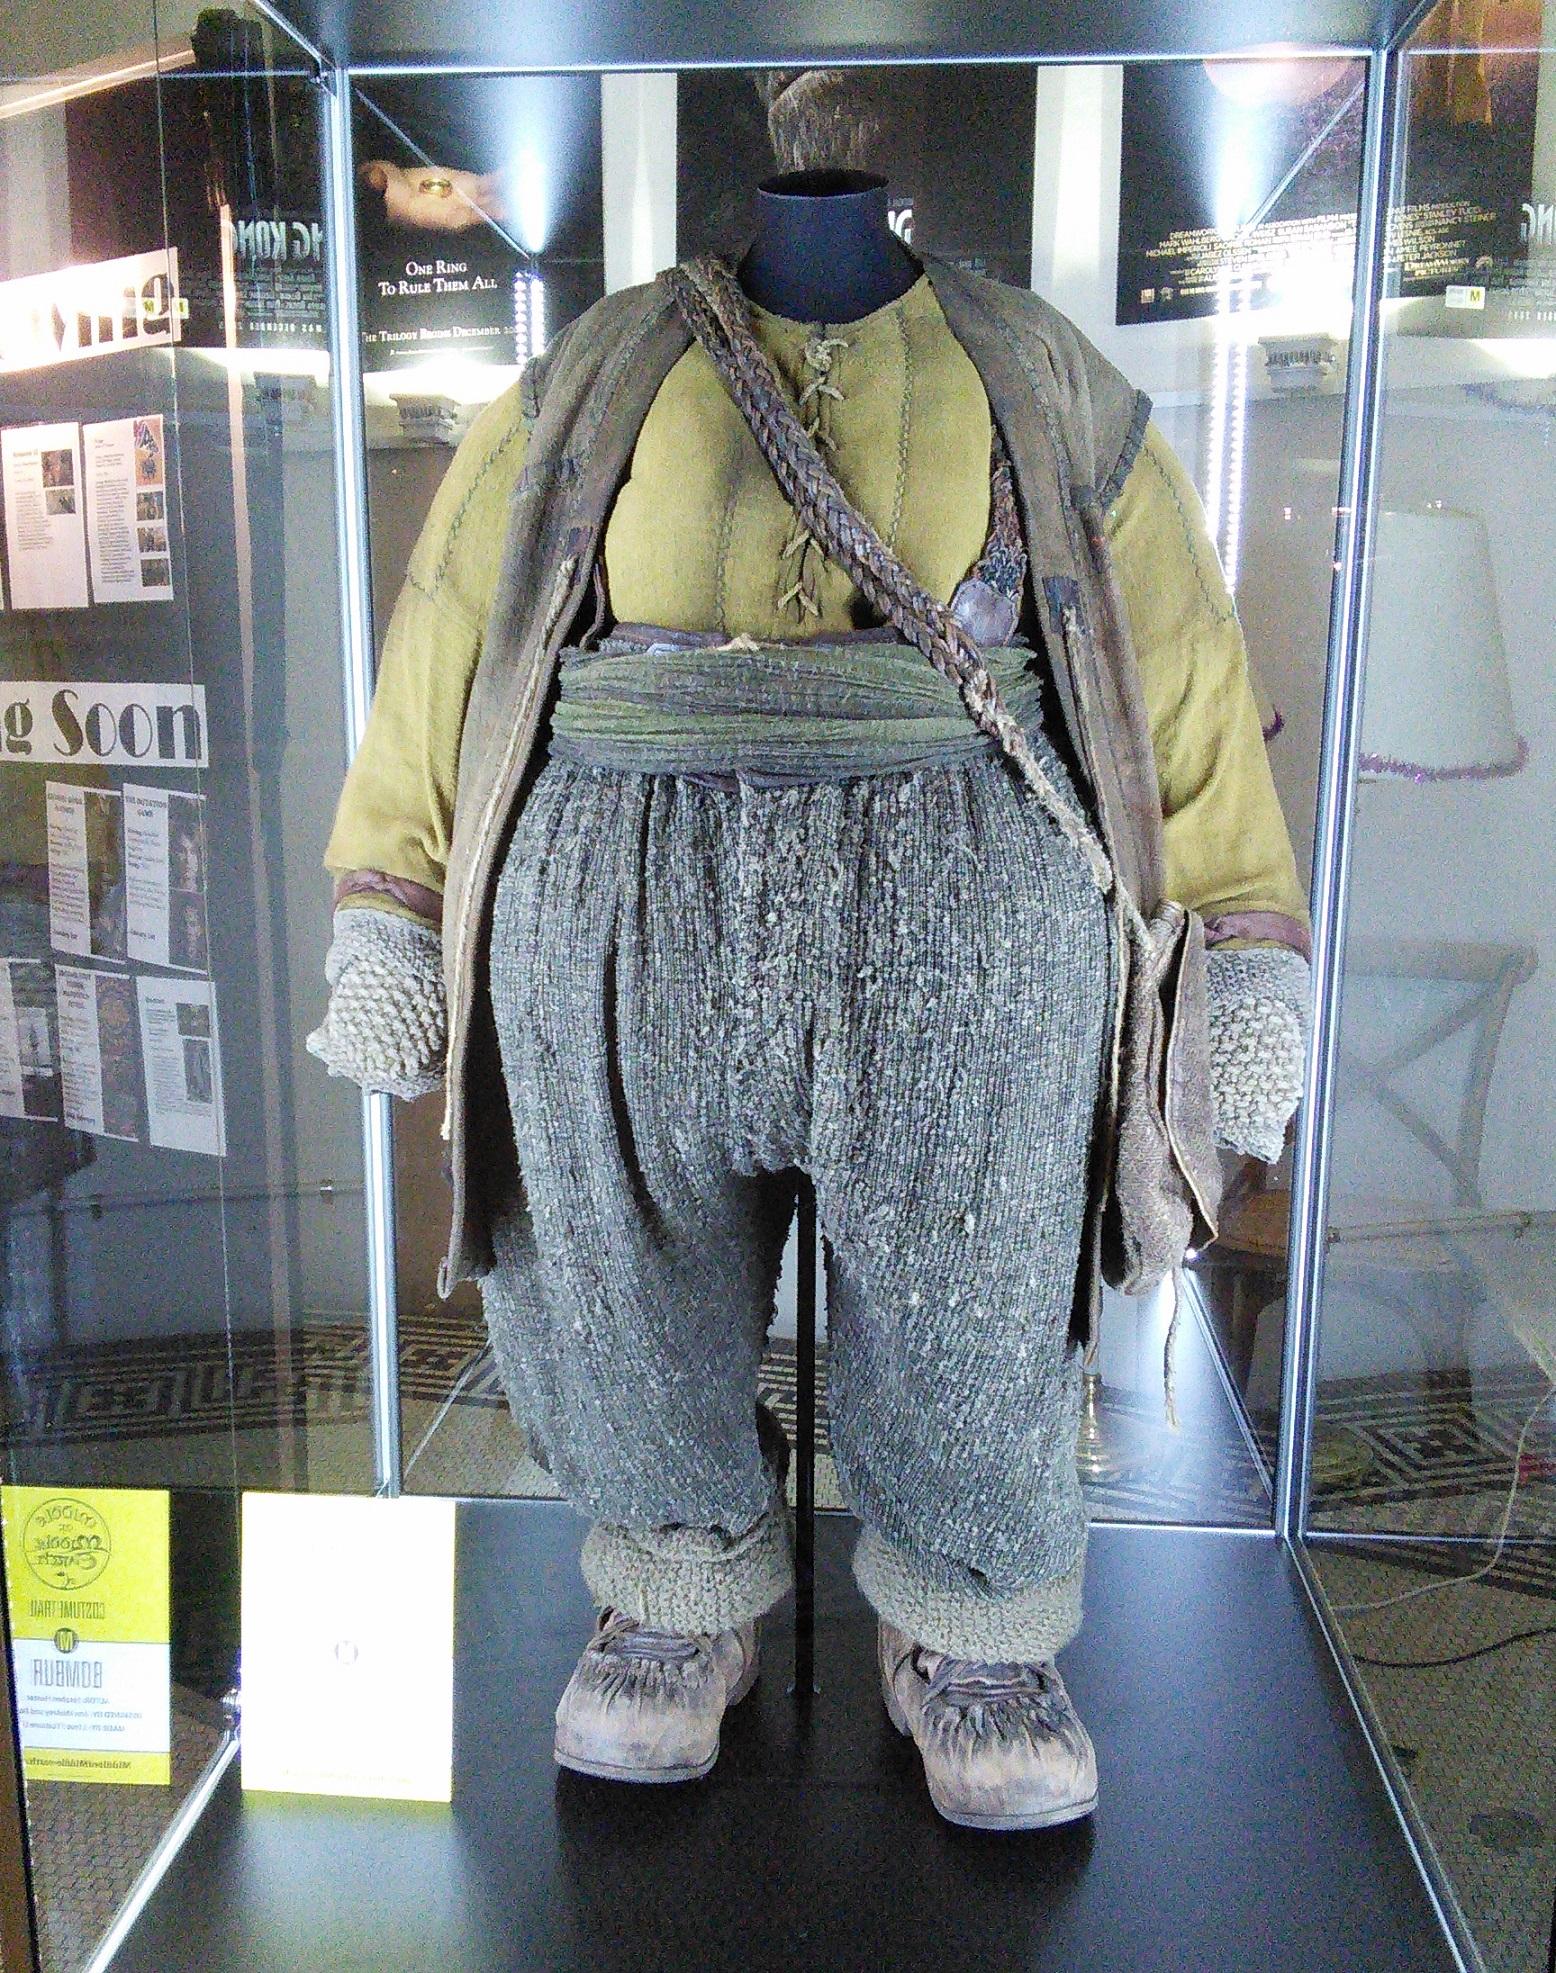 ニュージーランド旅行 '14 ウェリントンで映画『ホビット』の衣装探し編